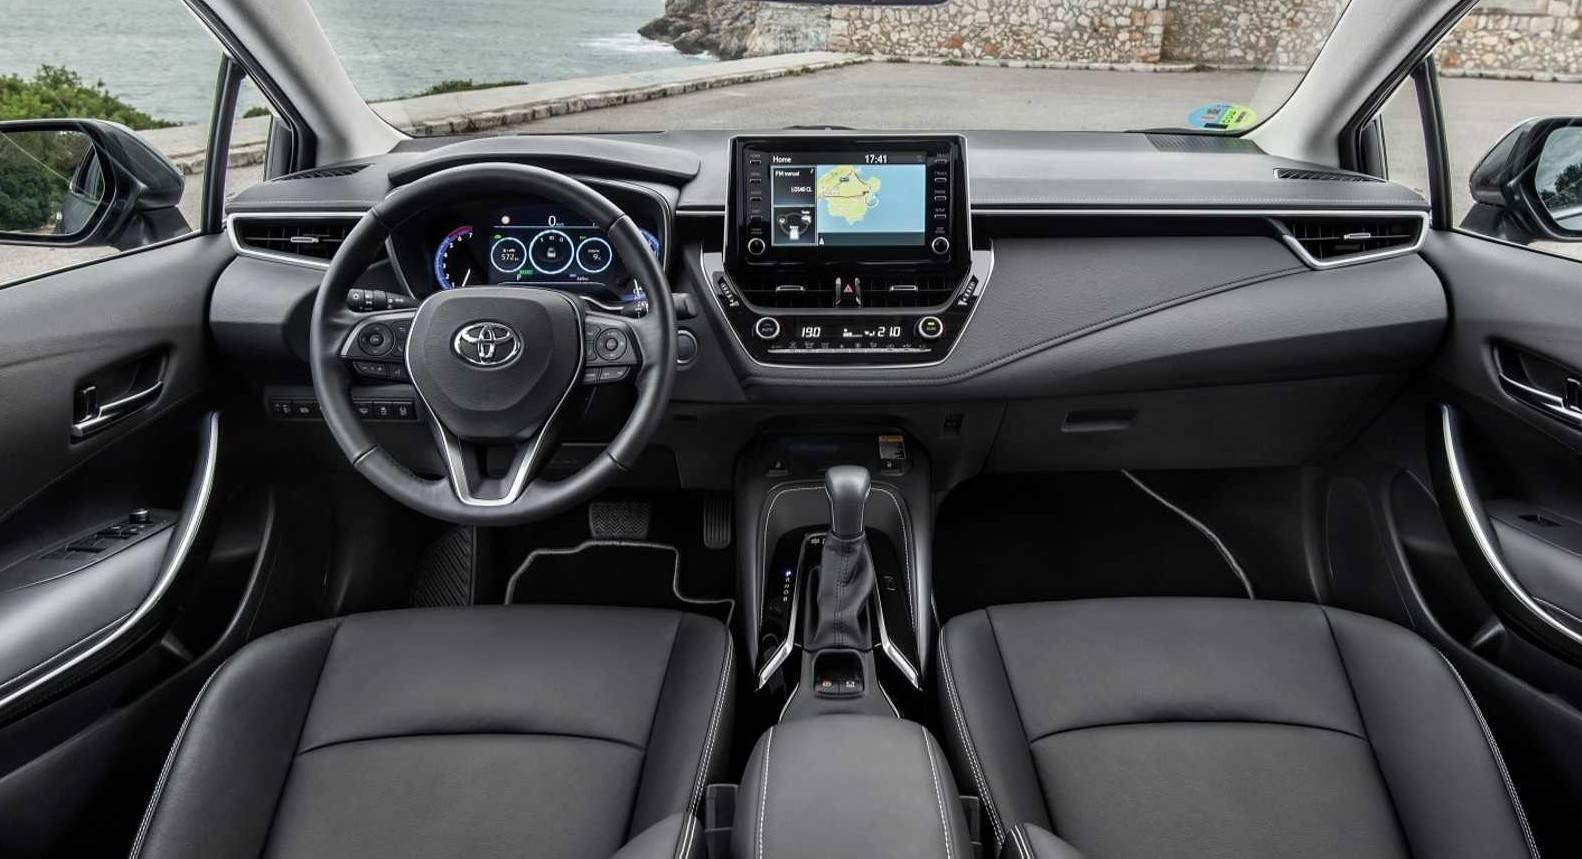 Nova central multimídia terá Apple CarPlay e Android Auto. Foto: Toyota/ Divulgação